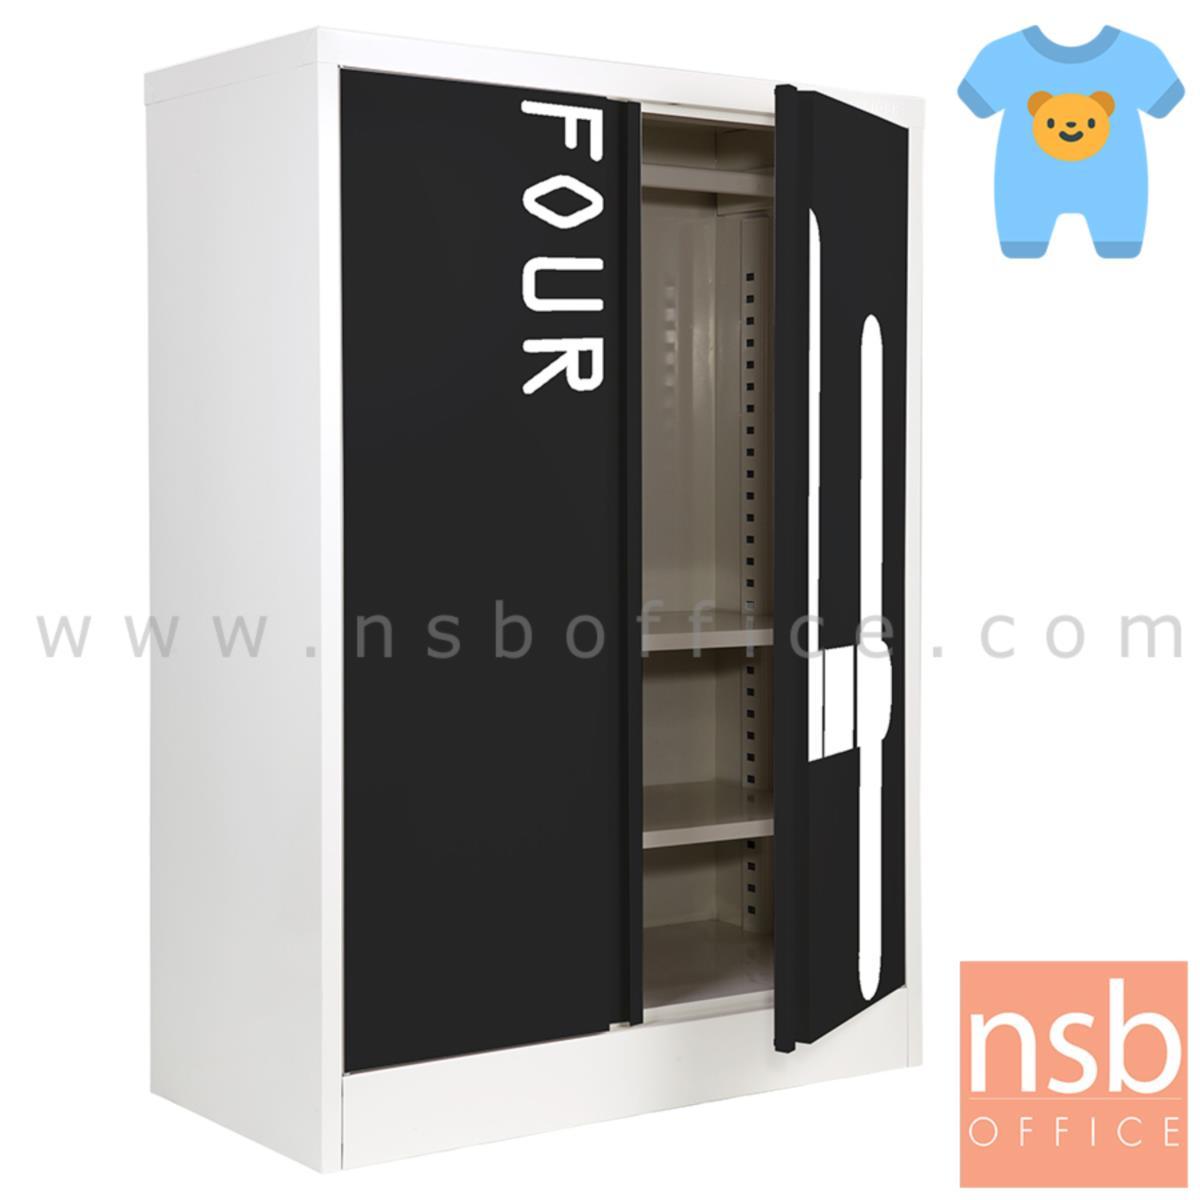 E23A007:ตู้เสื้อผ้าเด็กเหล็ก บานเปิดเตี้ย 122H cm (เลือกพิมพ์ลายหมีหรือลายตัวเลขได้) รุ่น ODW-12